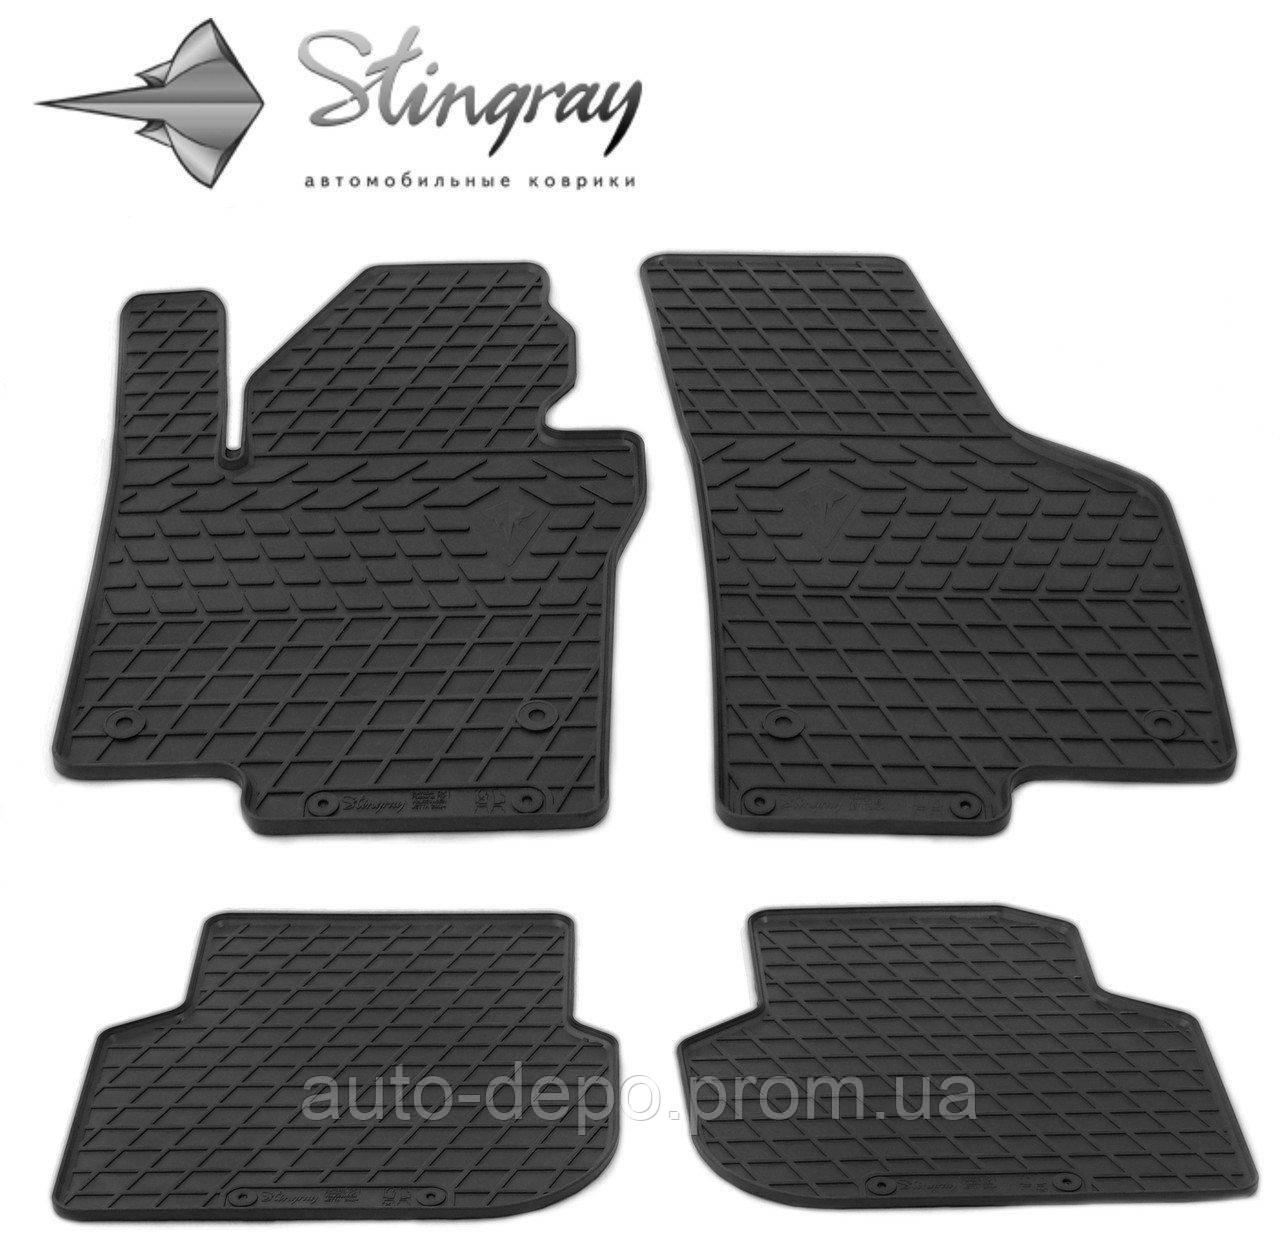 Килимки автомобільні для Volkswagen Jetta 2011 - Stingray